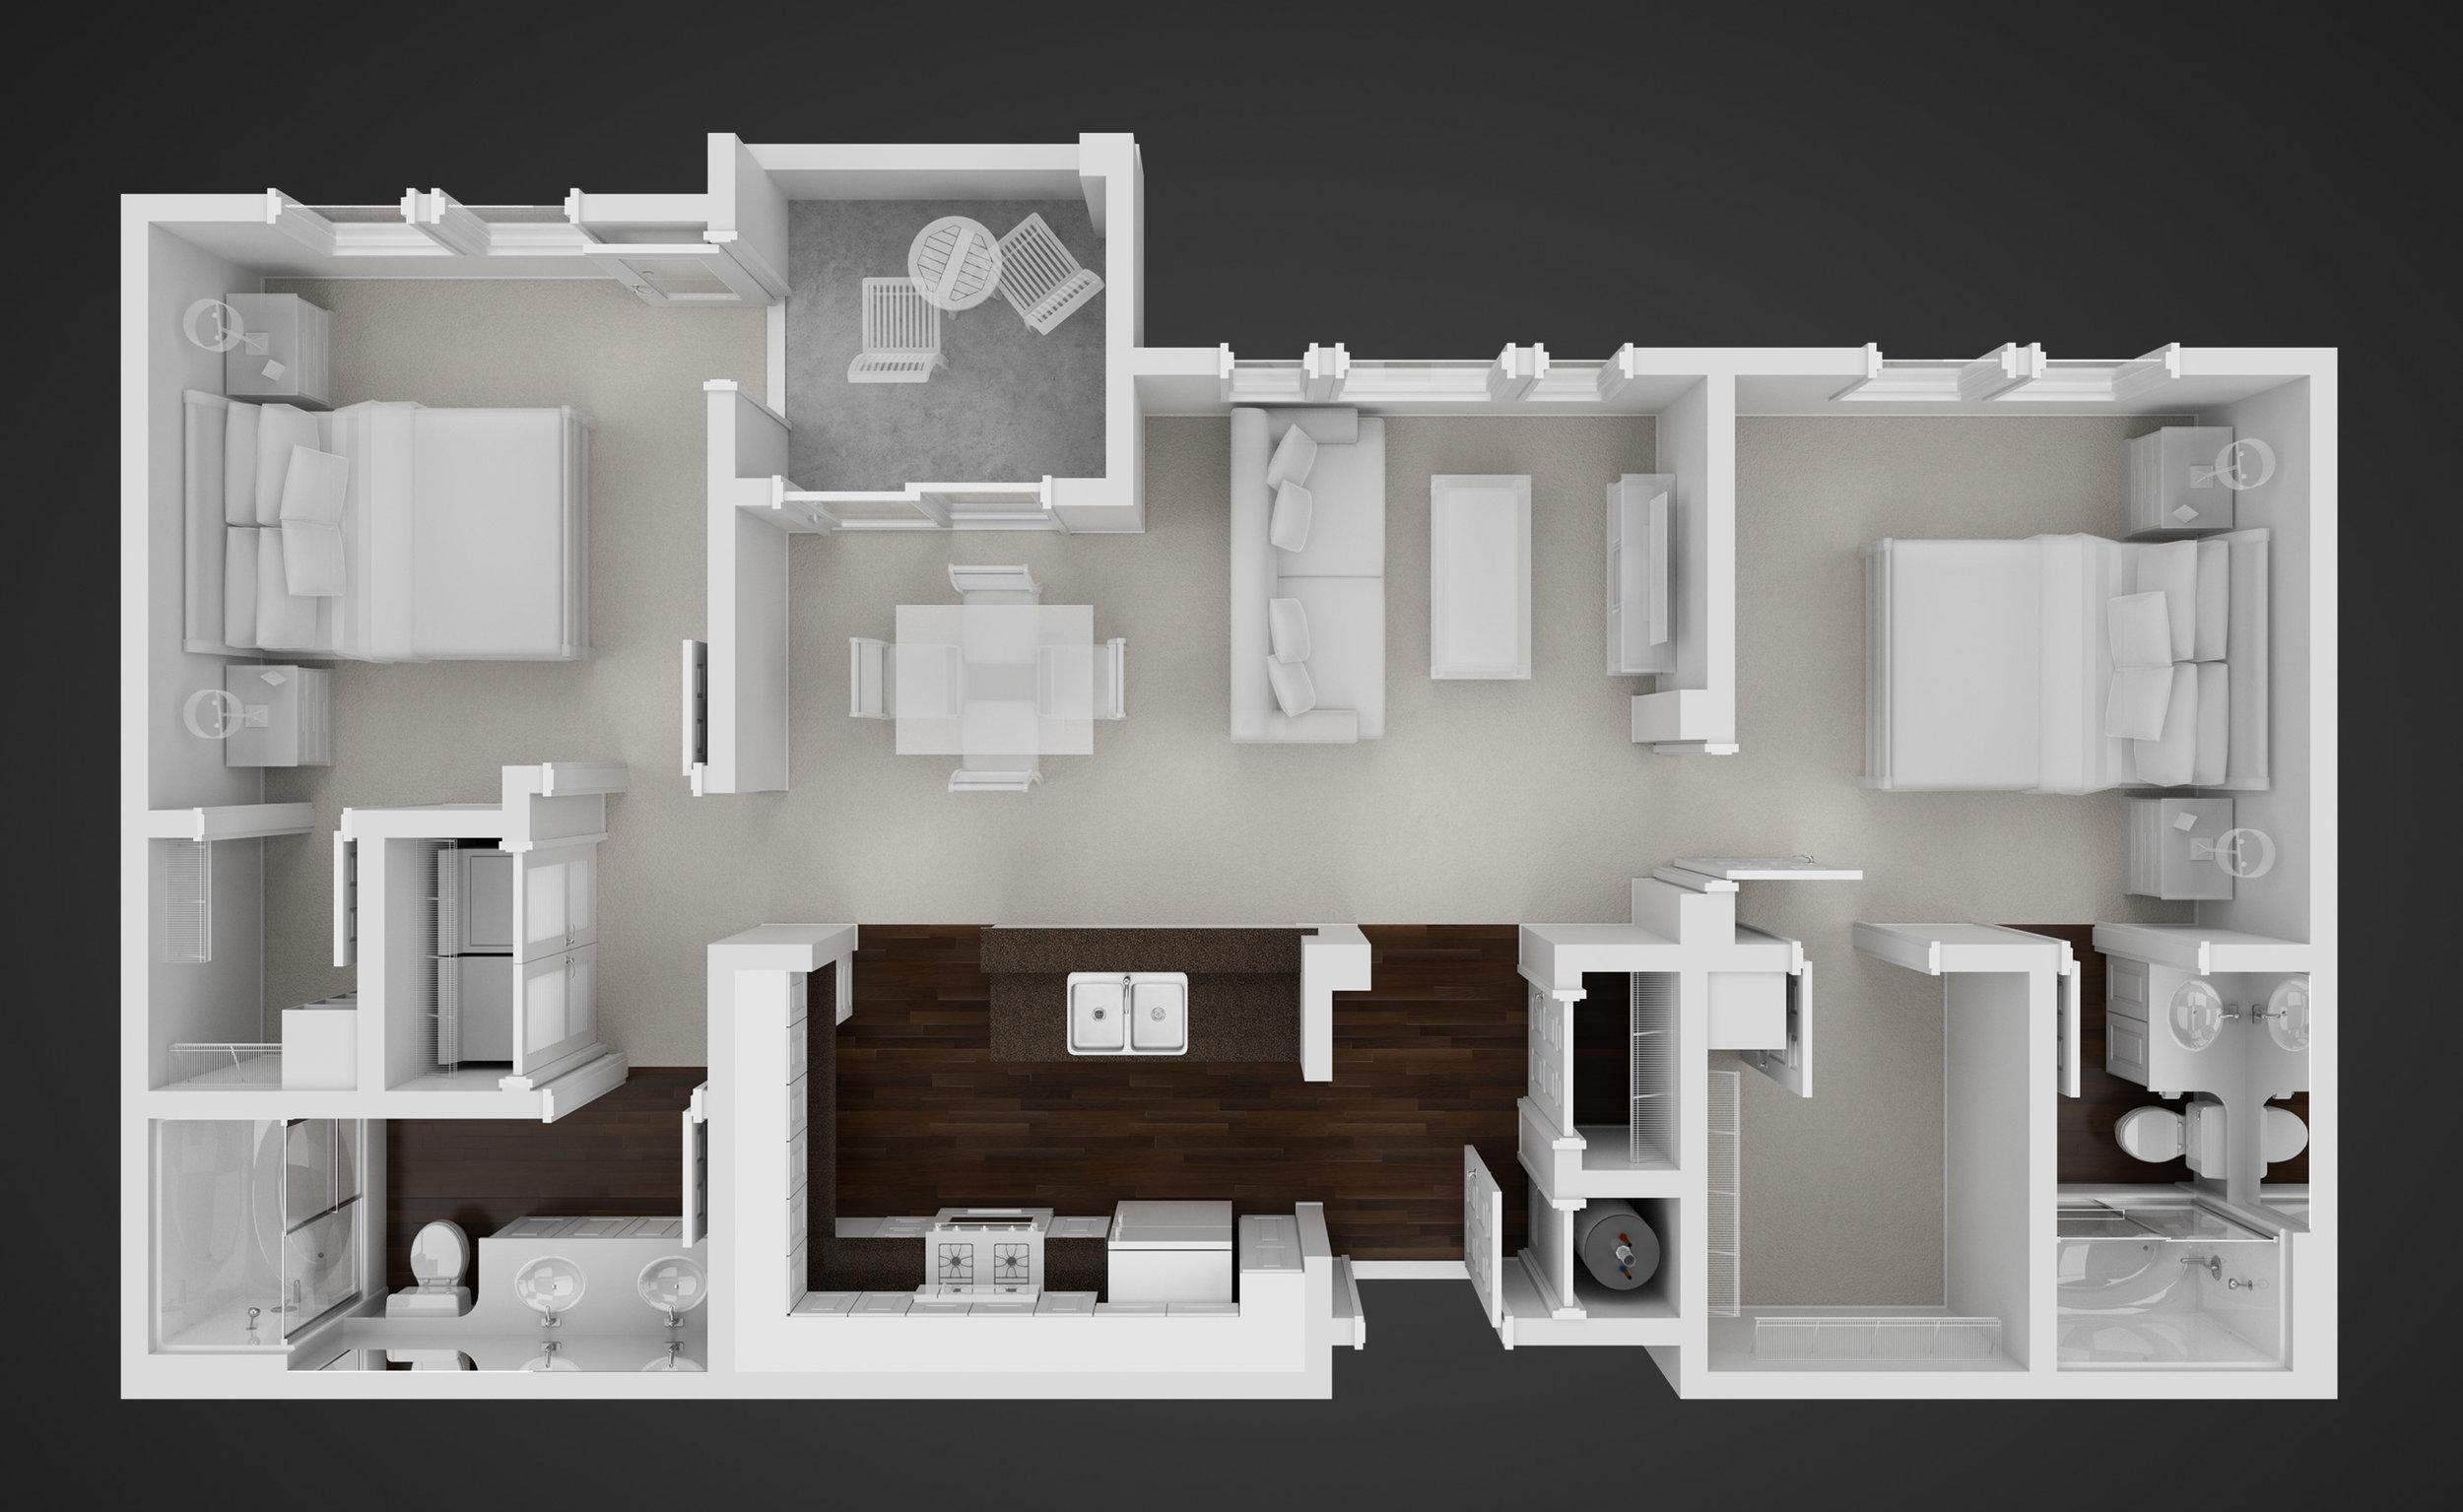 GalleryImage_Floorplan_2741x1683.jpg